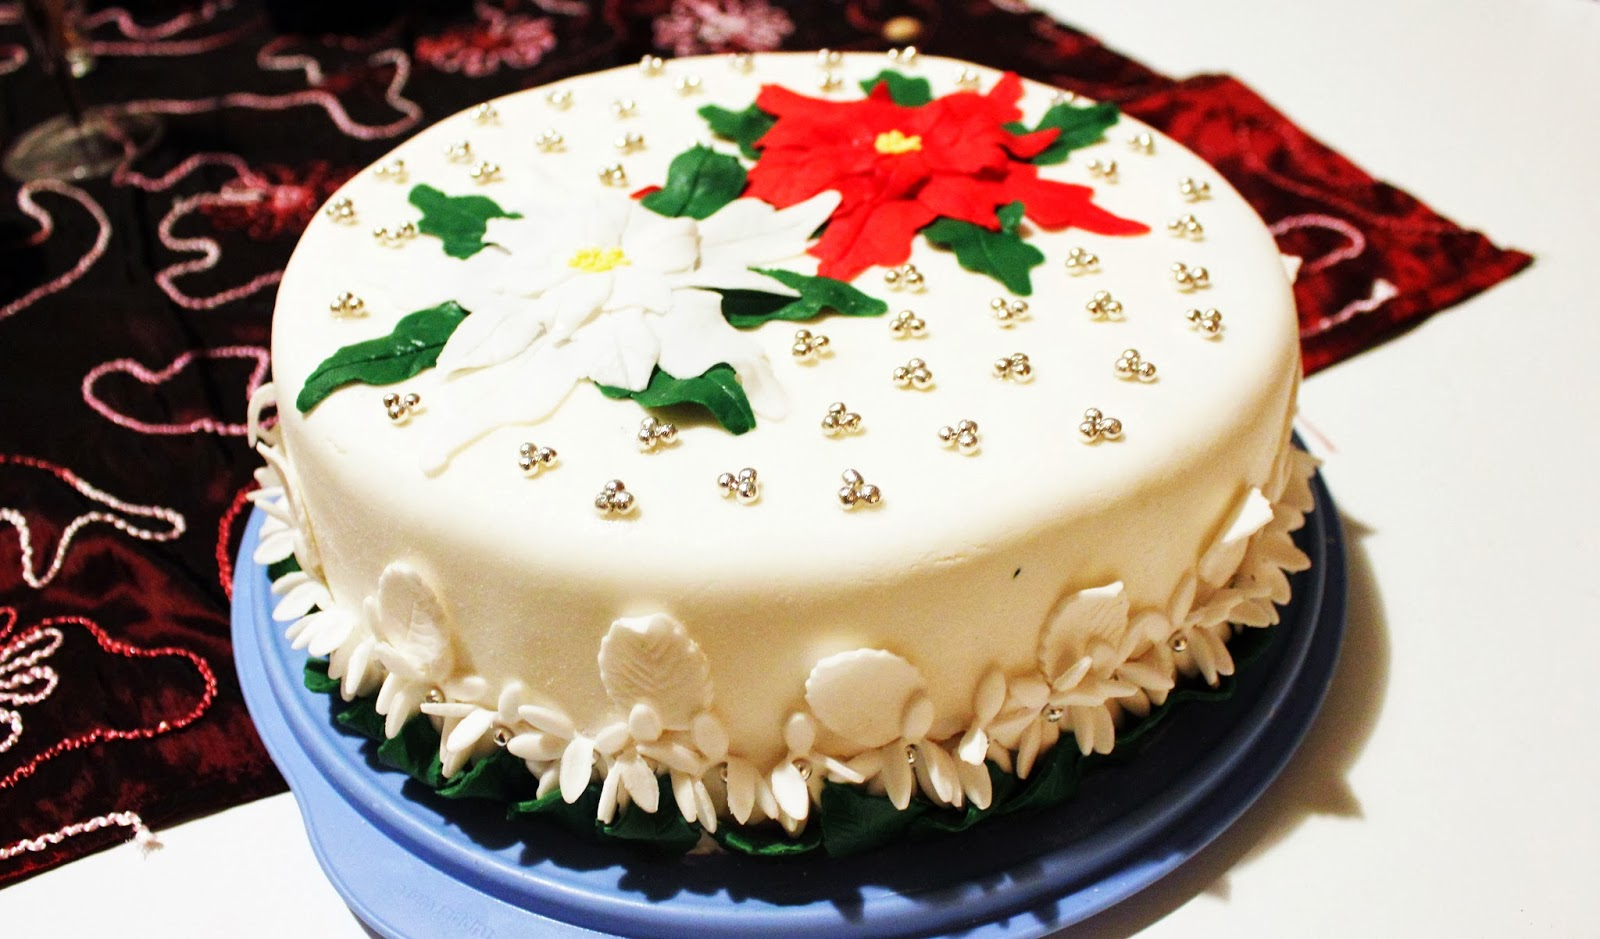 Torta Stella Di Natale.Villa S Cake Torta Stella Di Natale